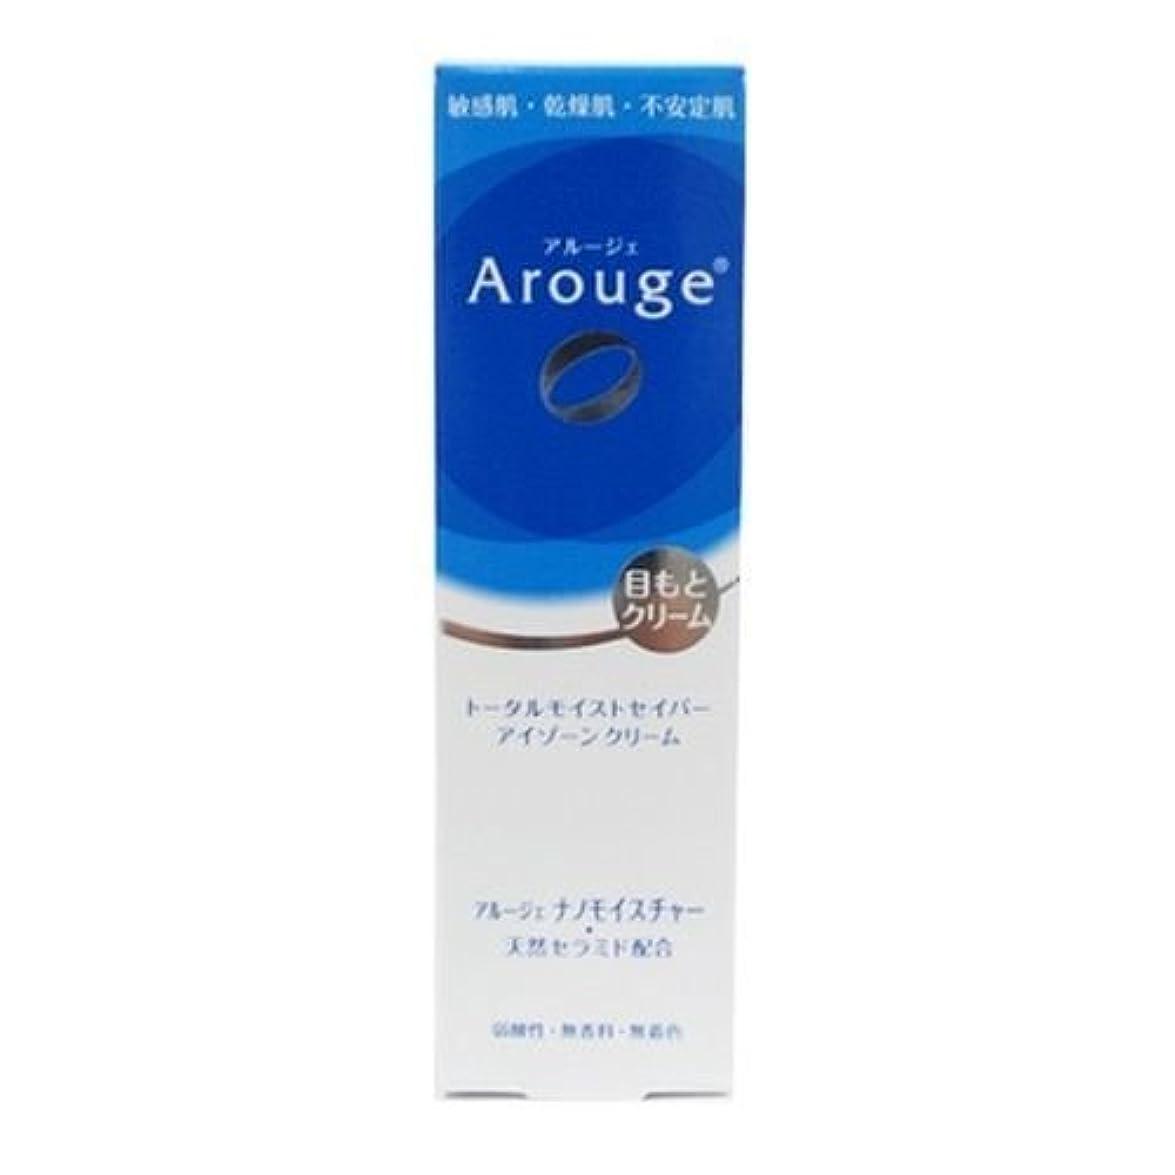 ハーネス炭水化物不利益アルージェ(Arouge)トータルモイストセイバー アイゾーンクリーム 15g